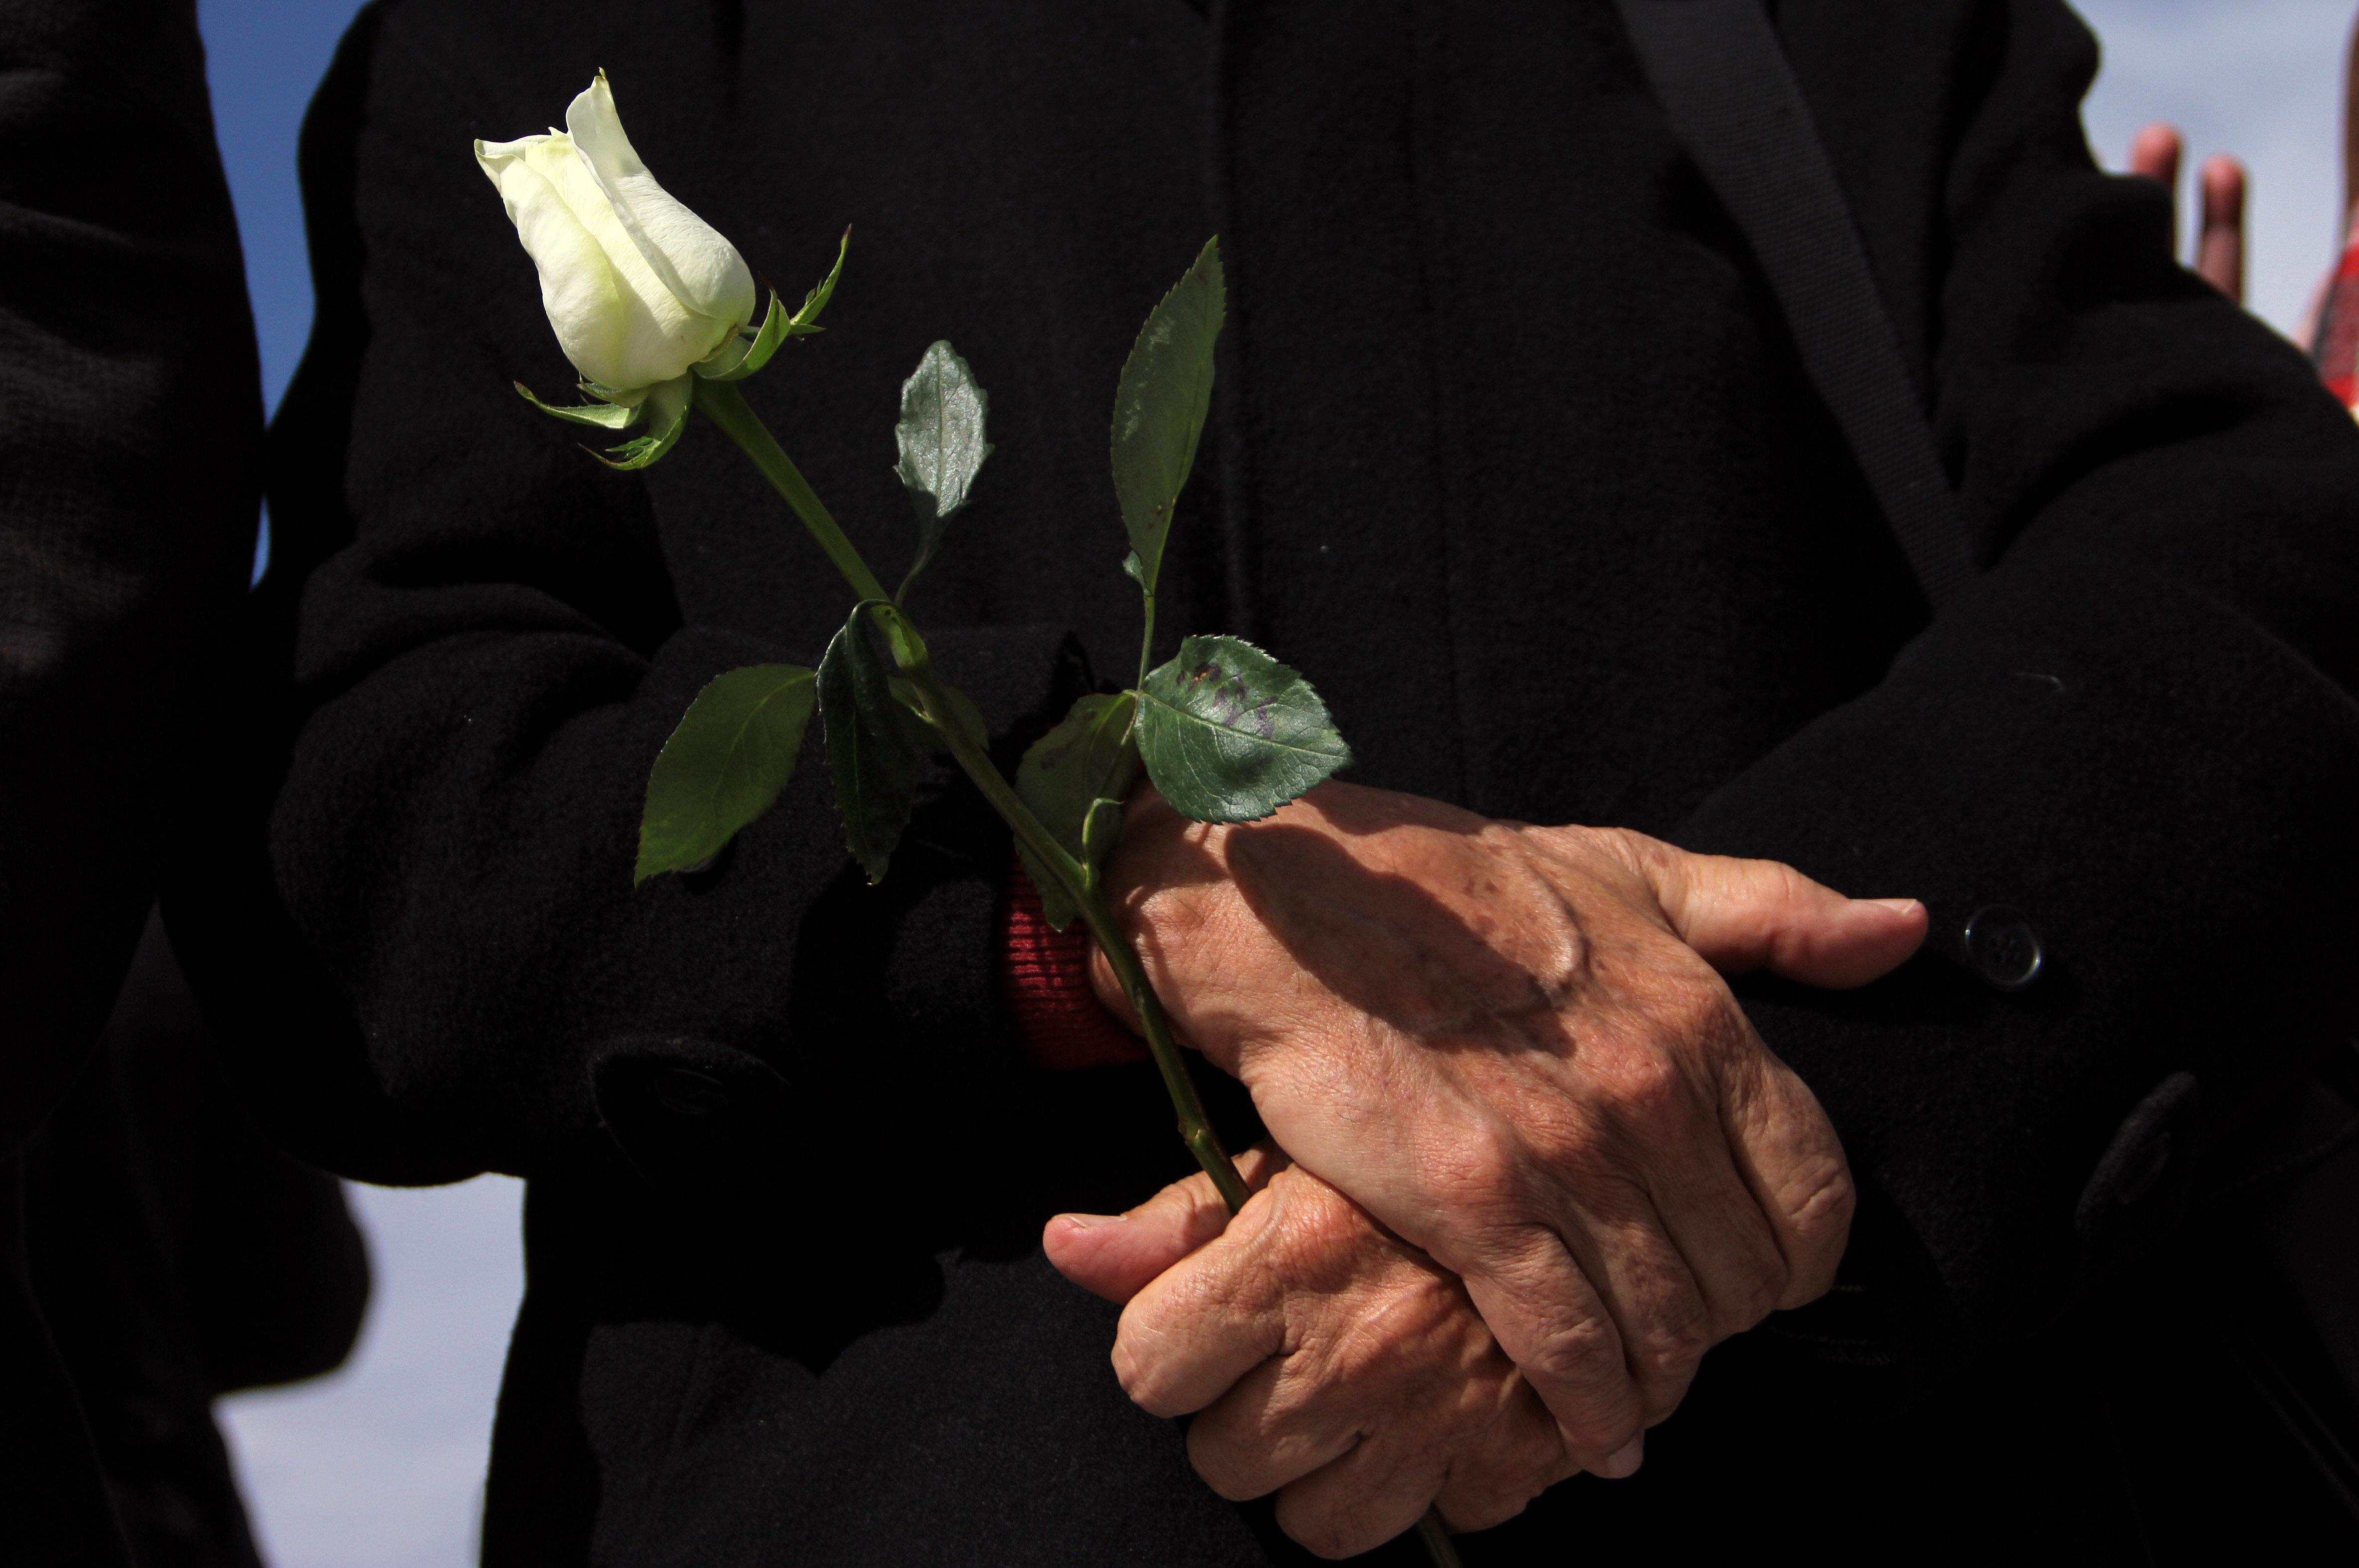 أحد المشاركون فى الفاعلية يحمل ورد